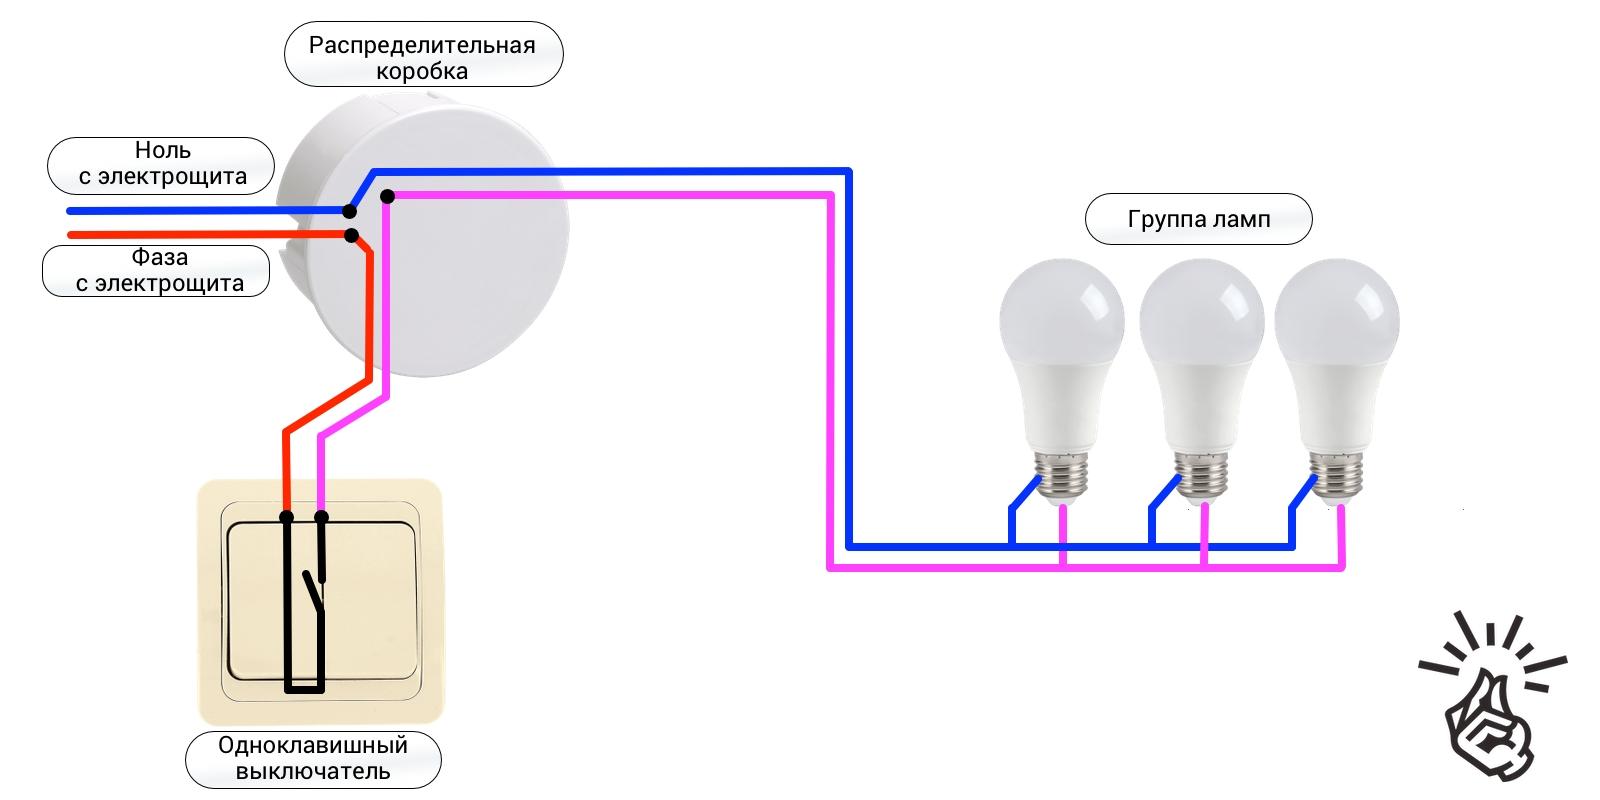 Подробная схема подключения двухклавишного выключателя